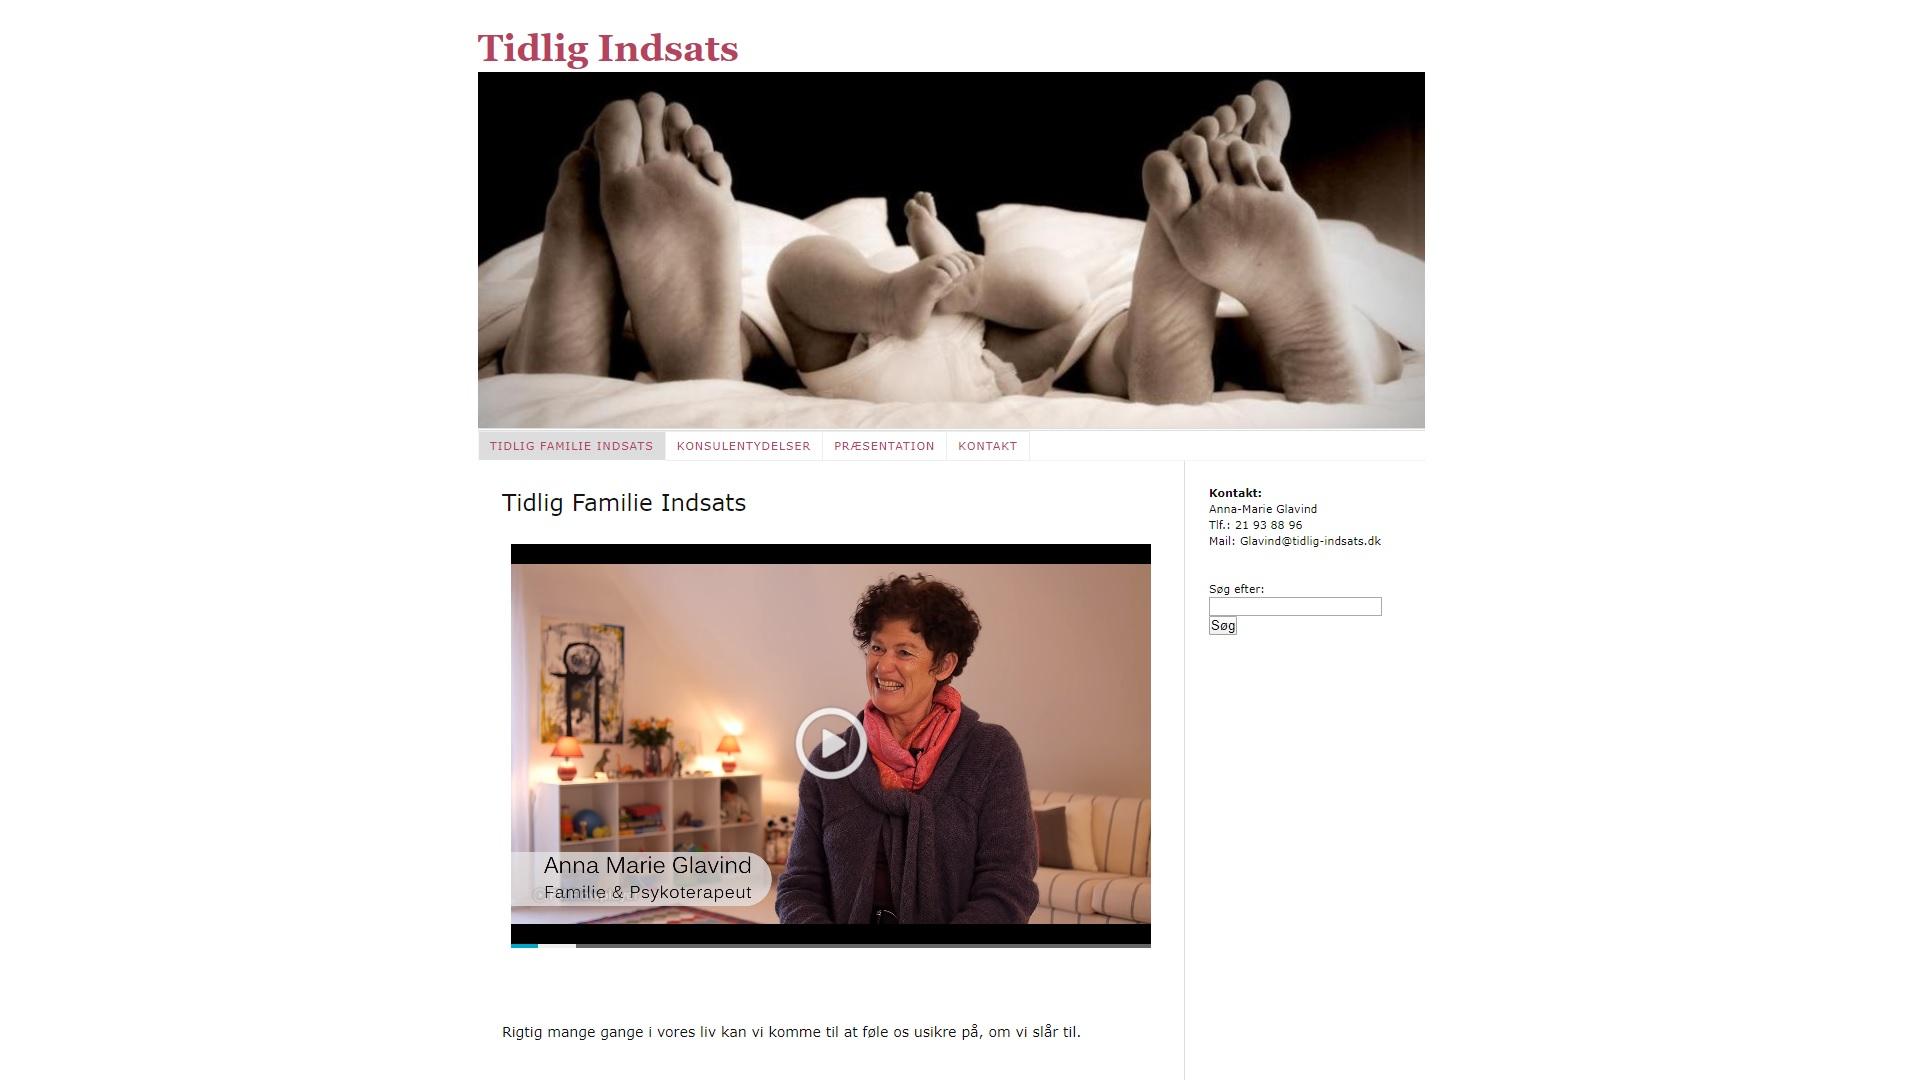 Tidlig-Indsats v. Anna-Marie Glavind